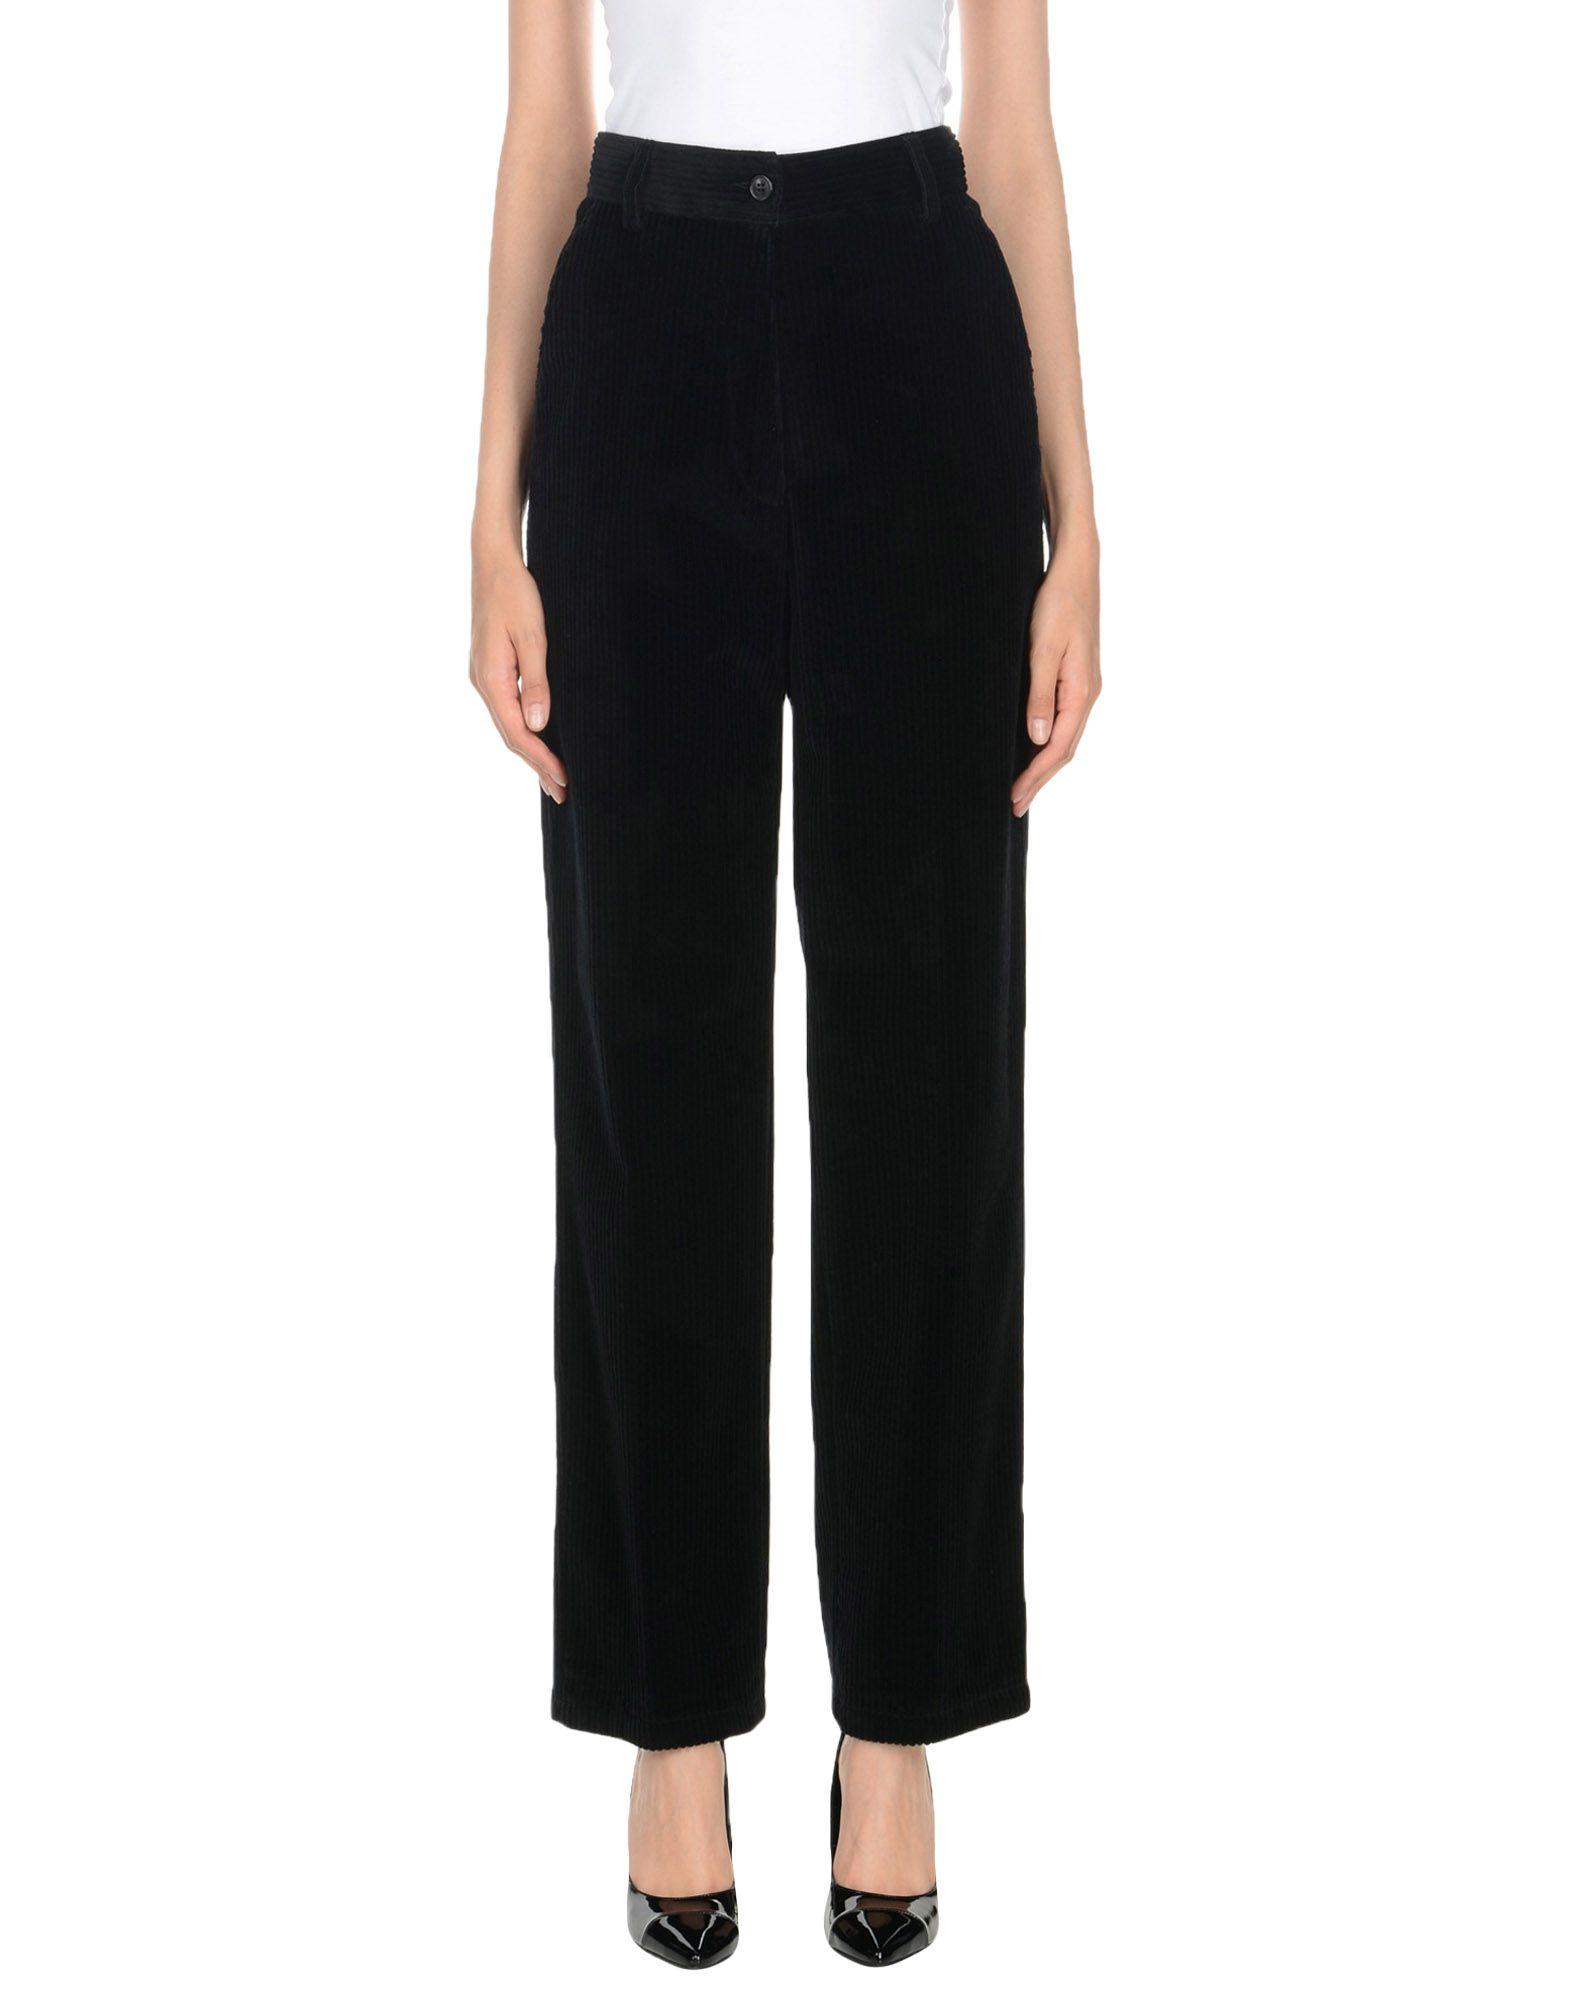 Pantalone Dries Van Noten Donna - Acquista online su zLH1uI166m